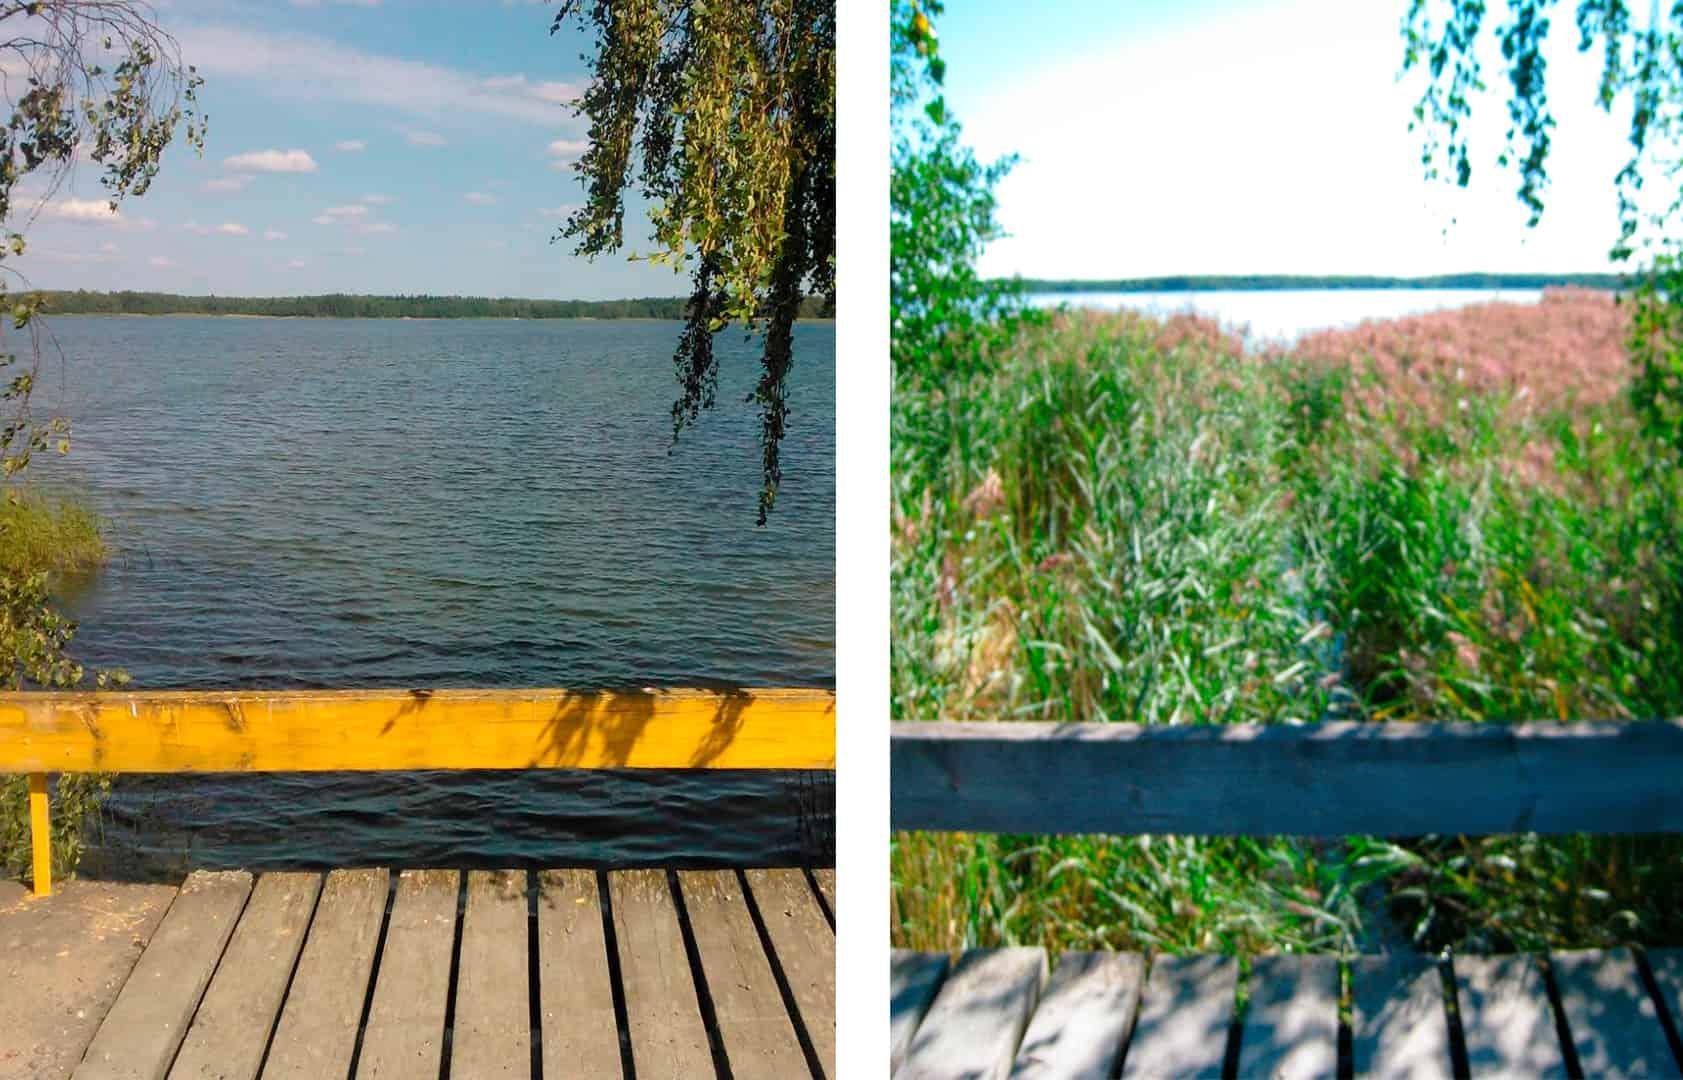 Kaksi kuvaa vesialueesta. Toisessa on paljon kaislaa, toisessa ei yhtään.